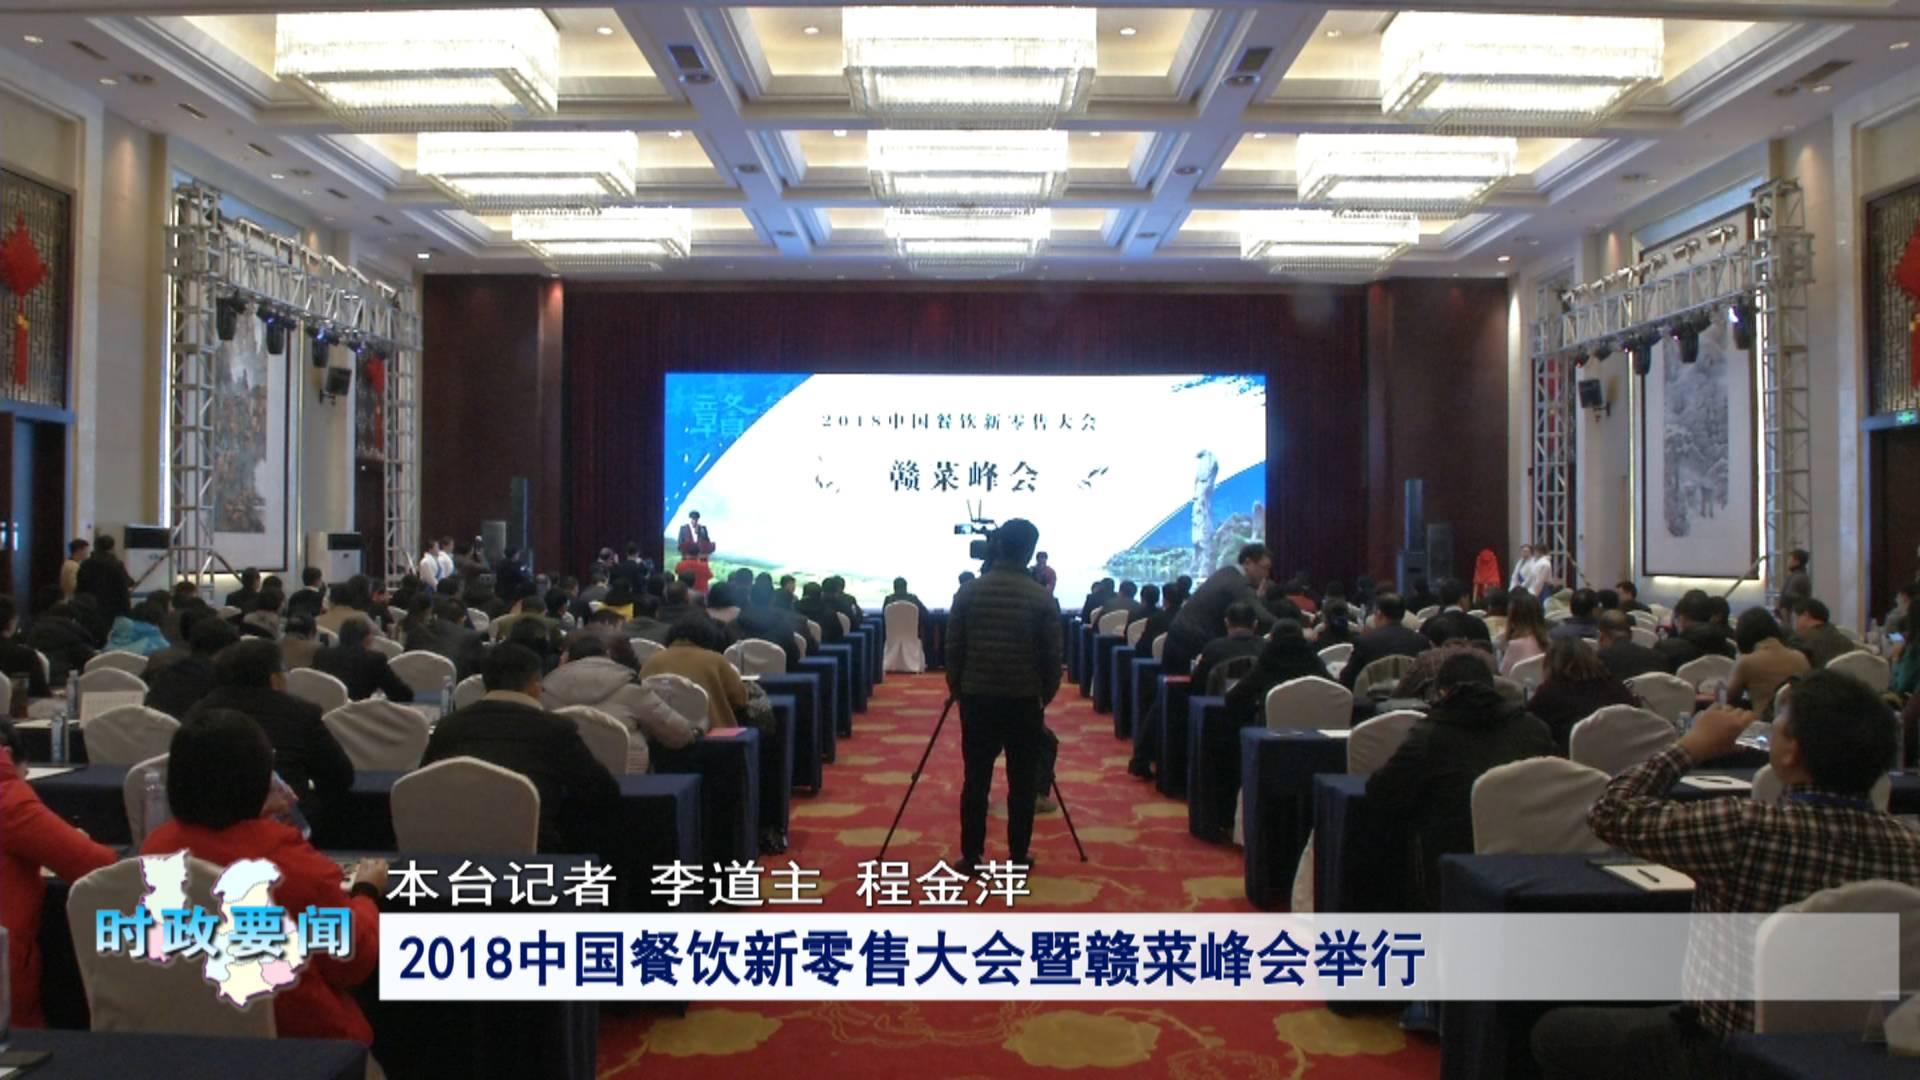 2018中国餐饮新零售大会暨赣菜峰会举行